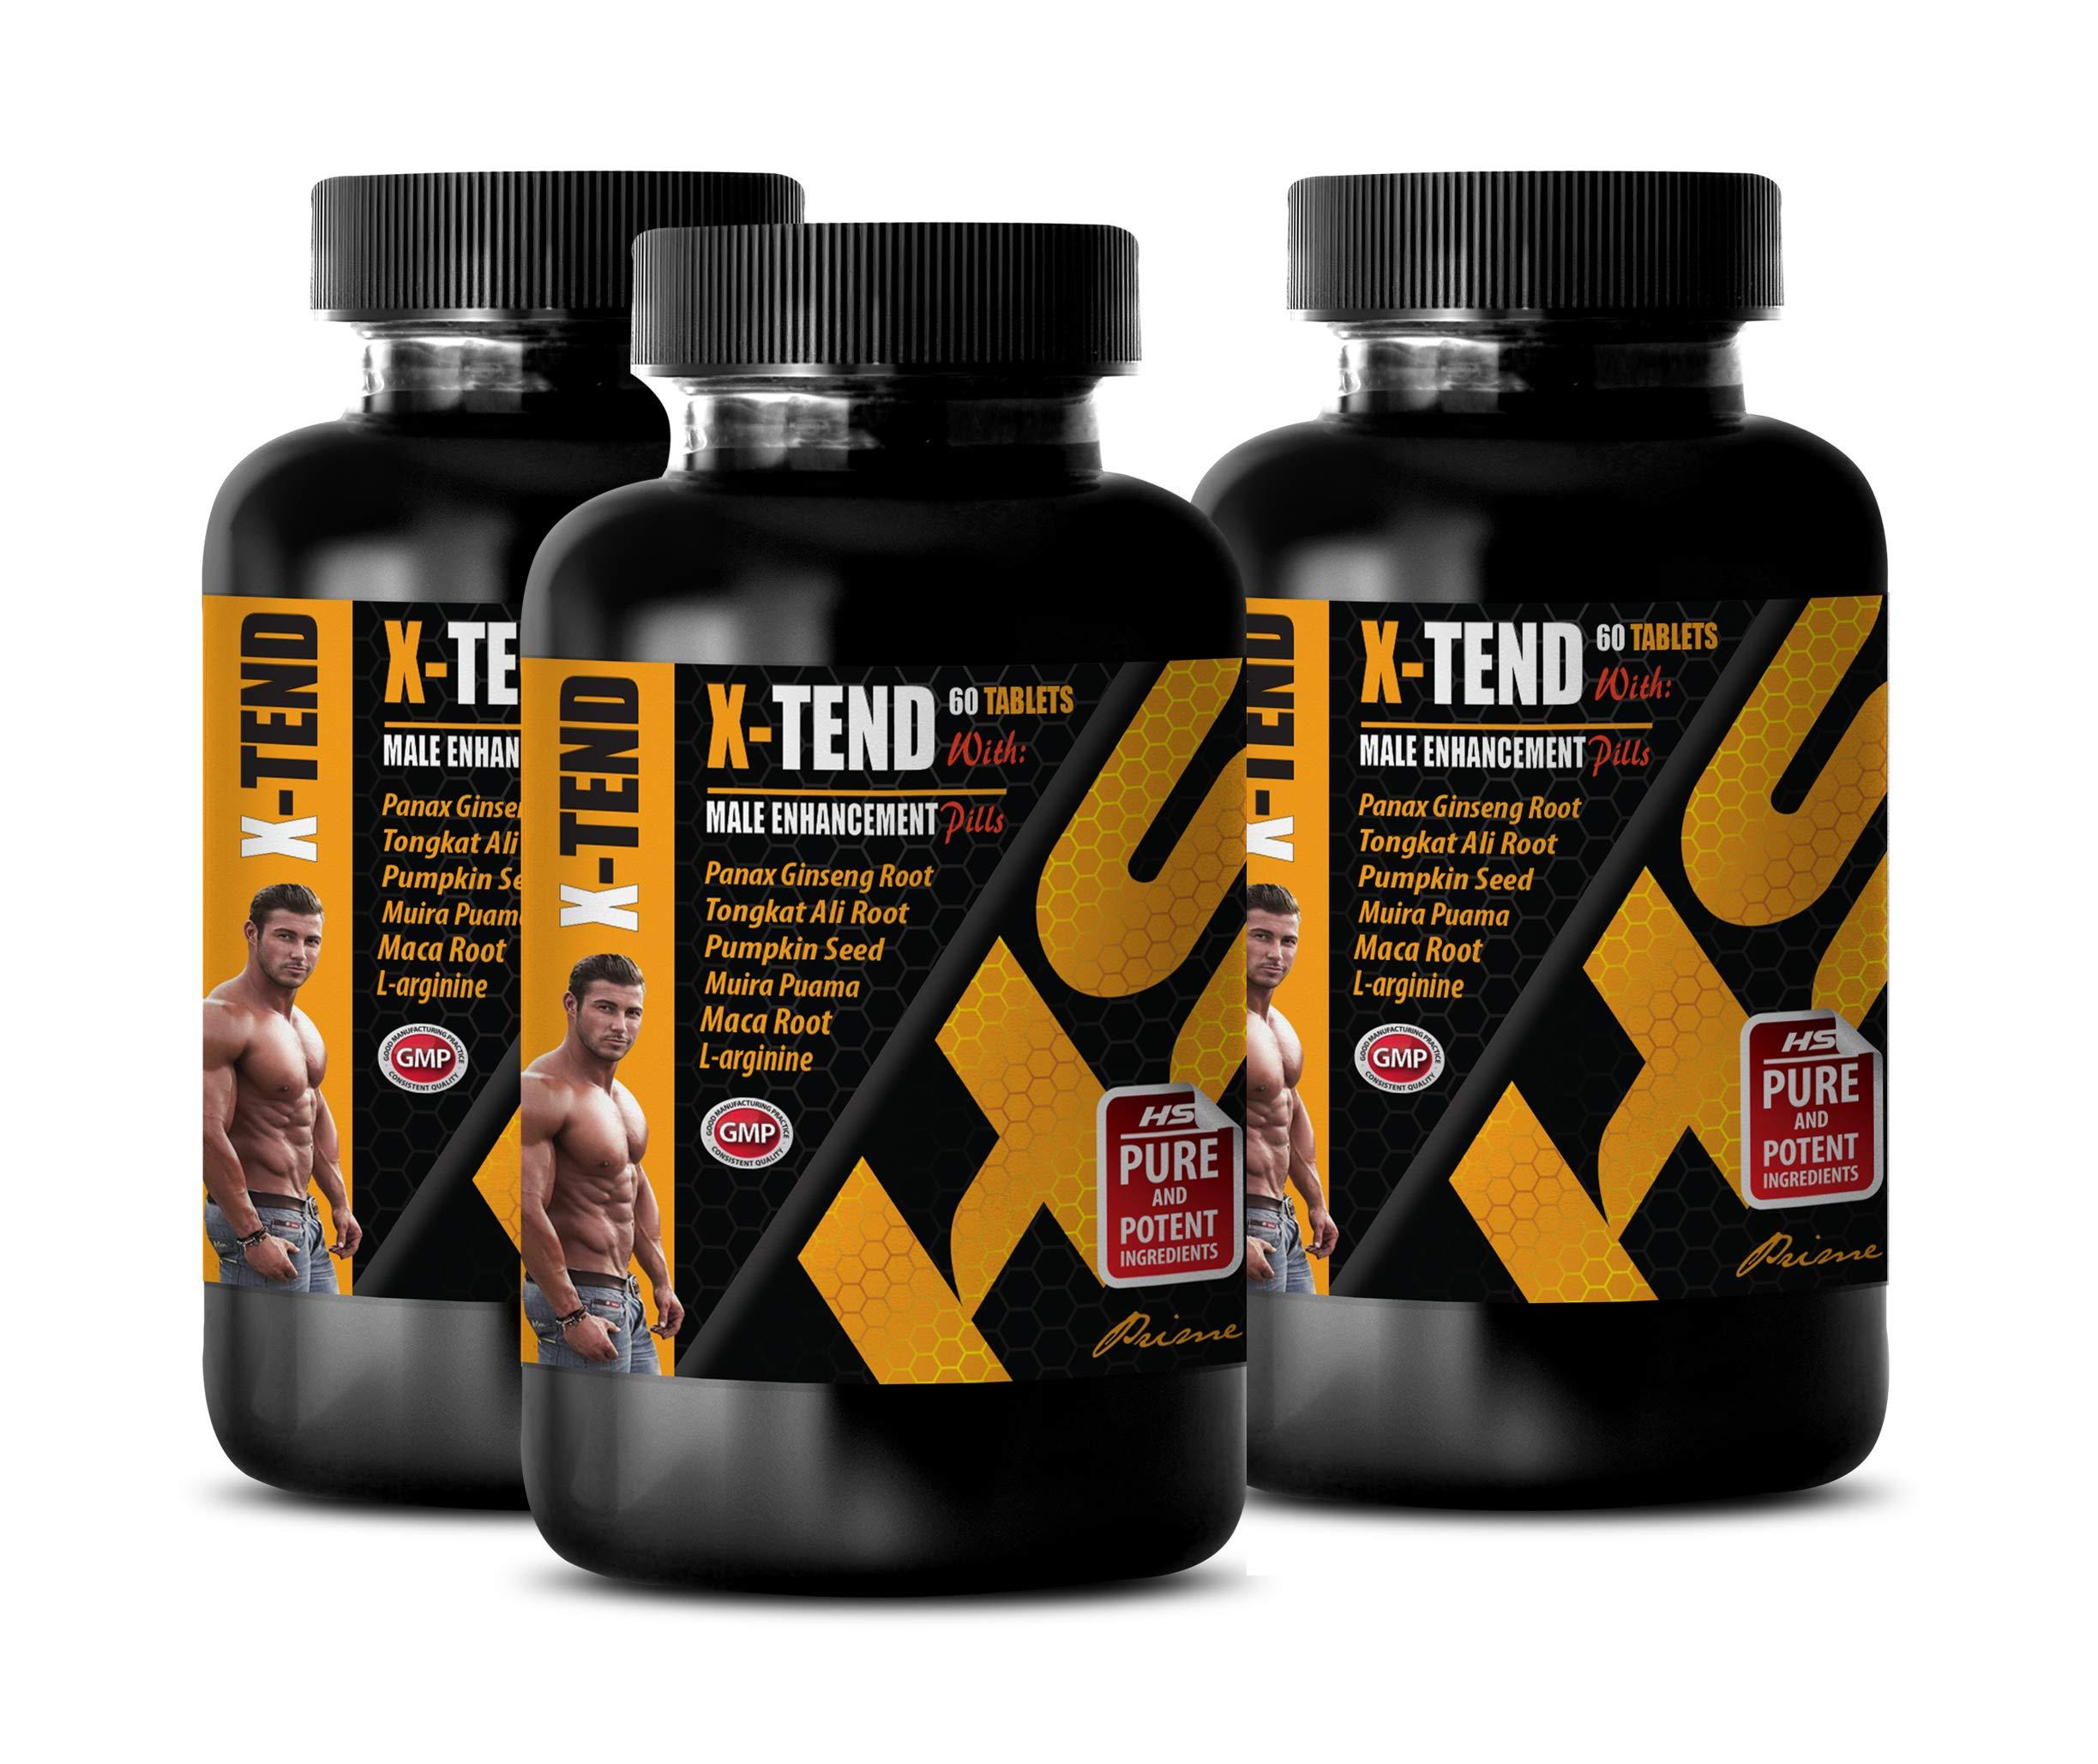 Man Enhancement Pills for Sex - X-TEND - Male Enhancement Pills - l-arginine Nitric Oxide Booster - 3 Bottles 180 Tablets